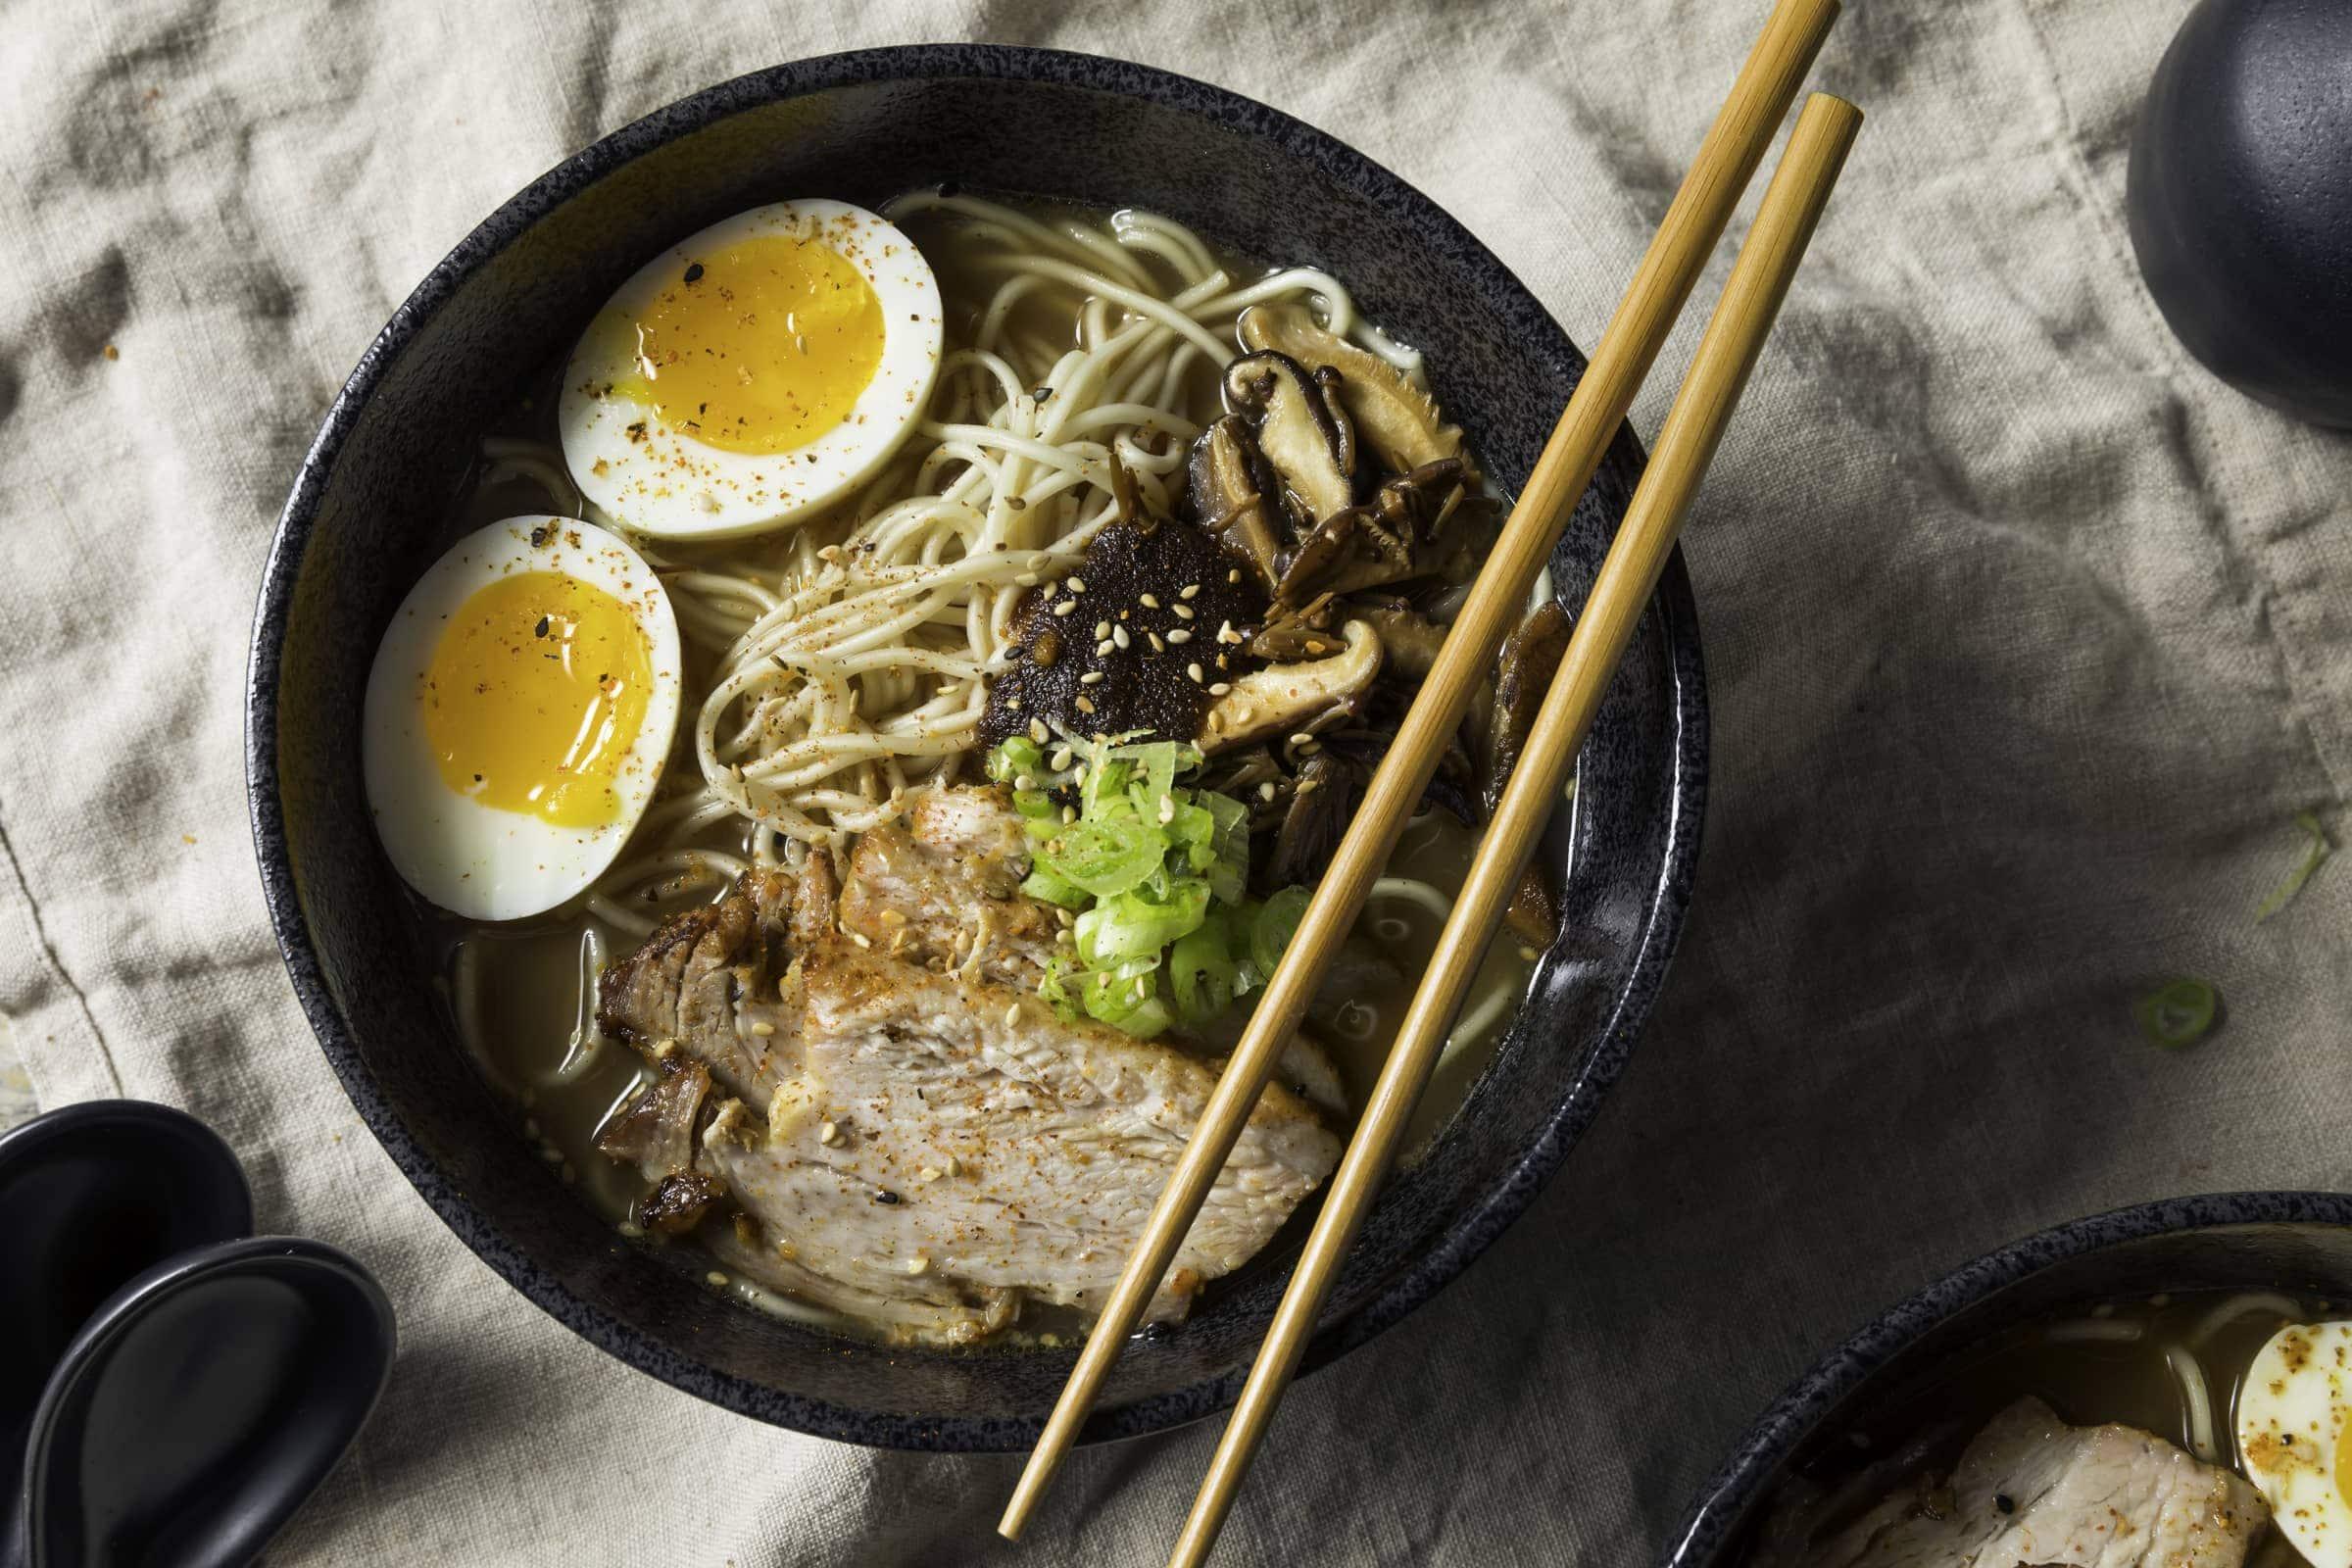 Ricetta Ramen Con Bimby.Ricetta Ramen Fatto In Casa La Ricetta Originale Giapponese Il Club Delle Ricette